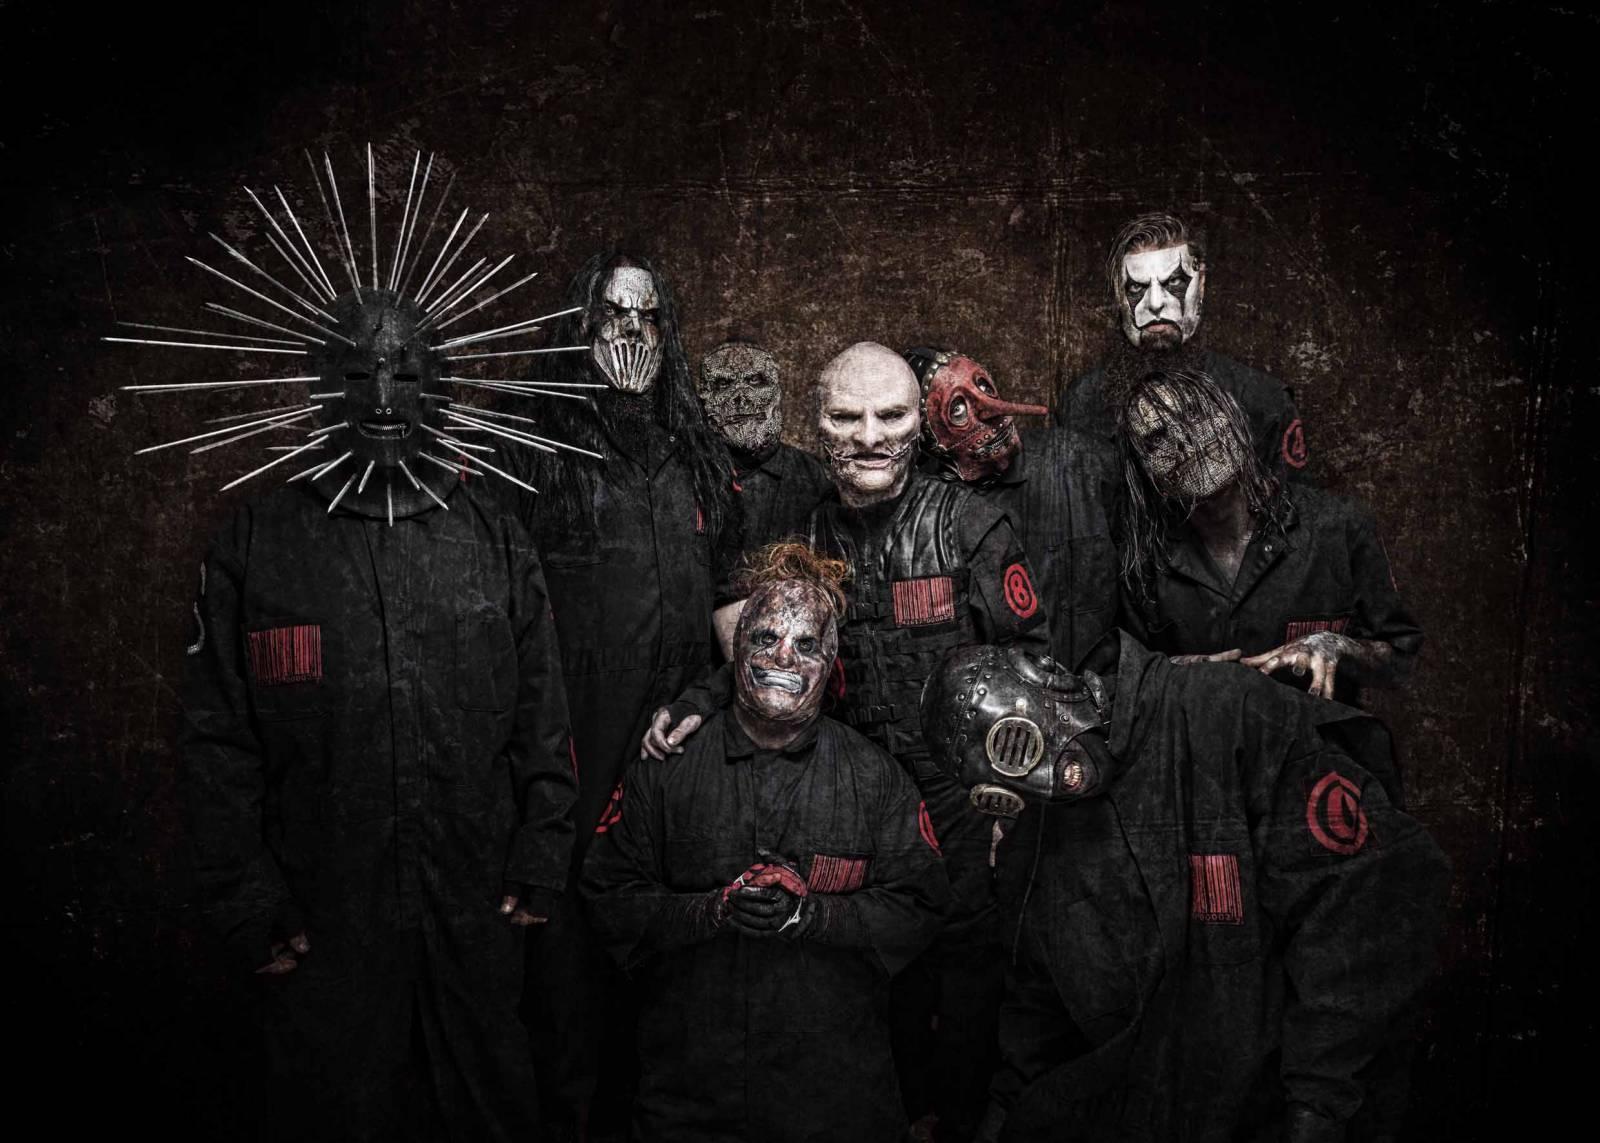 Slipknot se vrátí do Prahy. V O2 areně představí svět hrůzy a šílenství